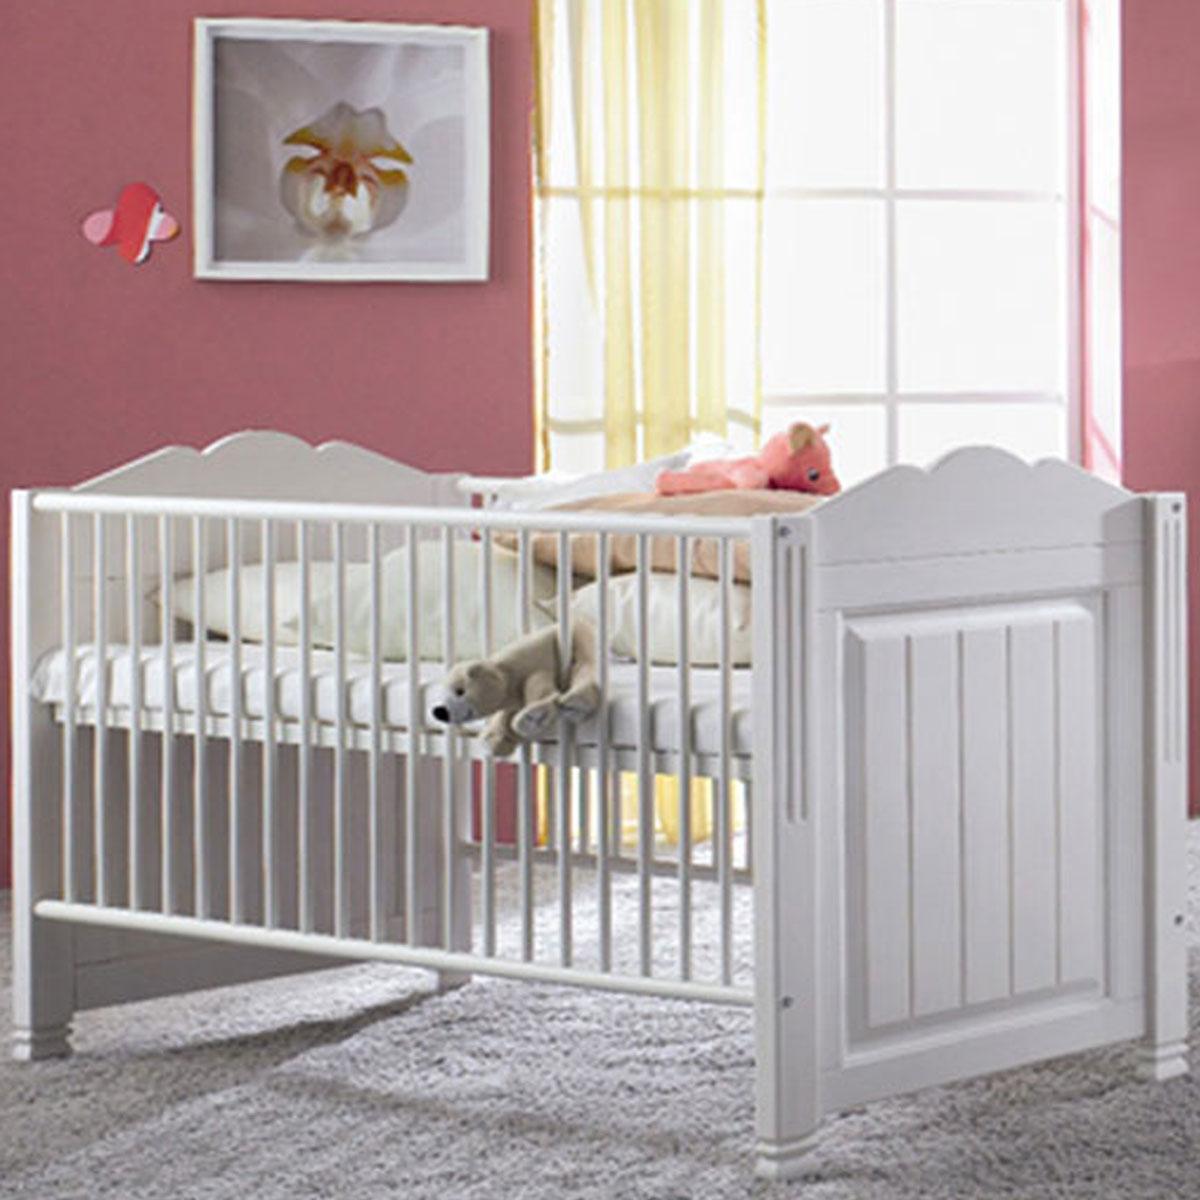 Schlafkontor Cinderella Premium Babybett Kiefer teilmassiv weiß zum  Juniorbett umbaubar